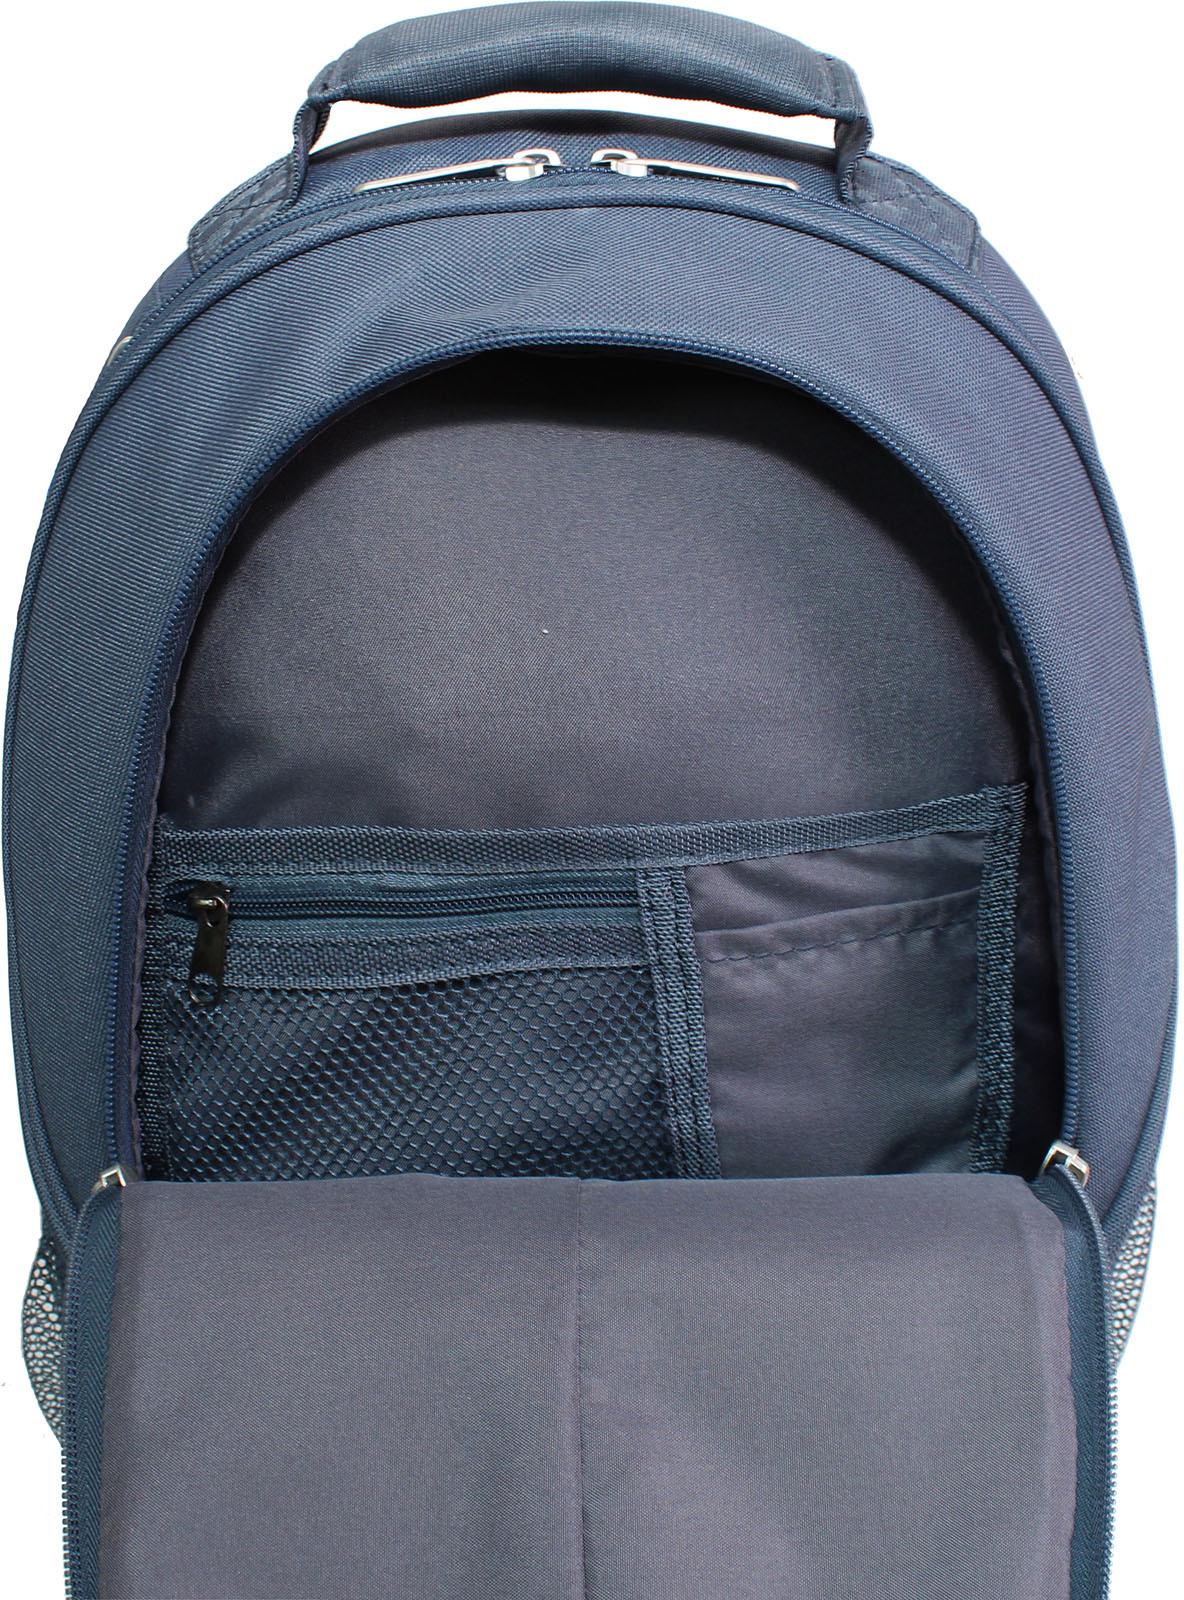 Рюкзак для ноутбука Bagland Рюкзак ZOOTY 24 л. Серый (00531662) фото 4